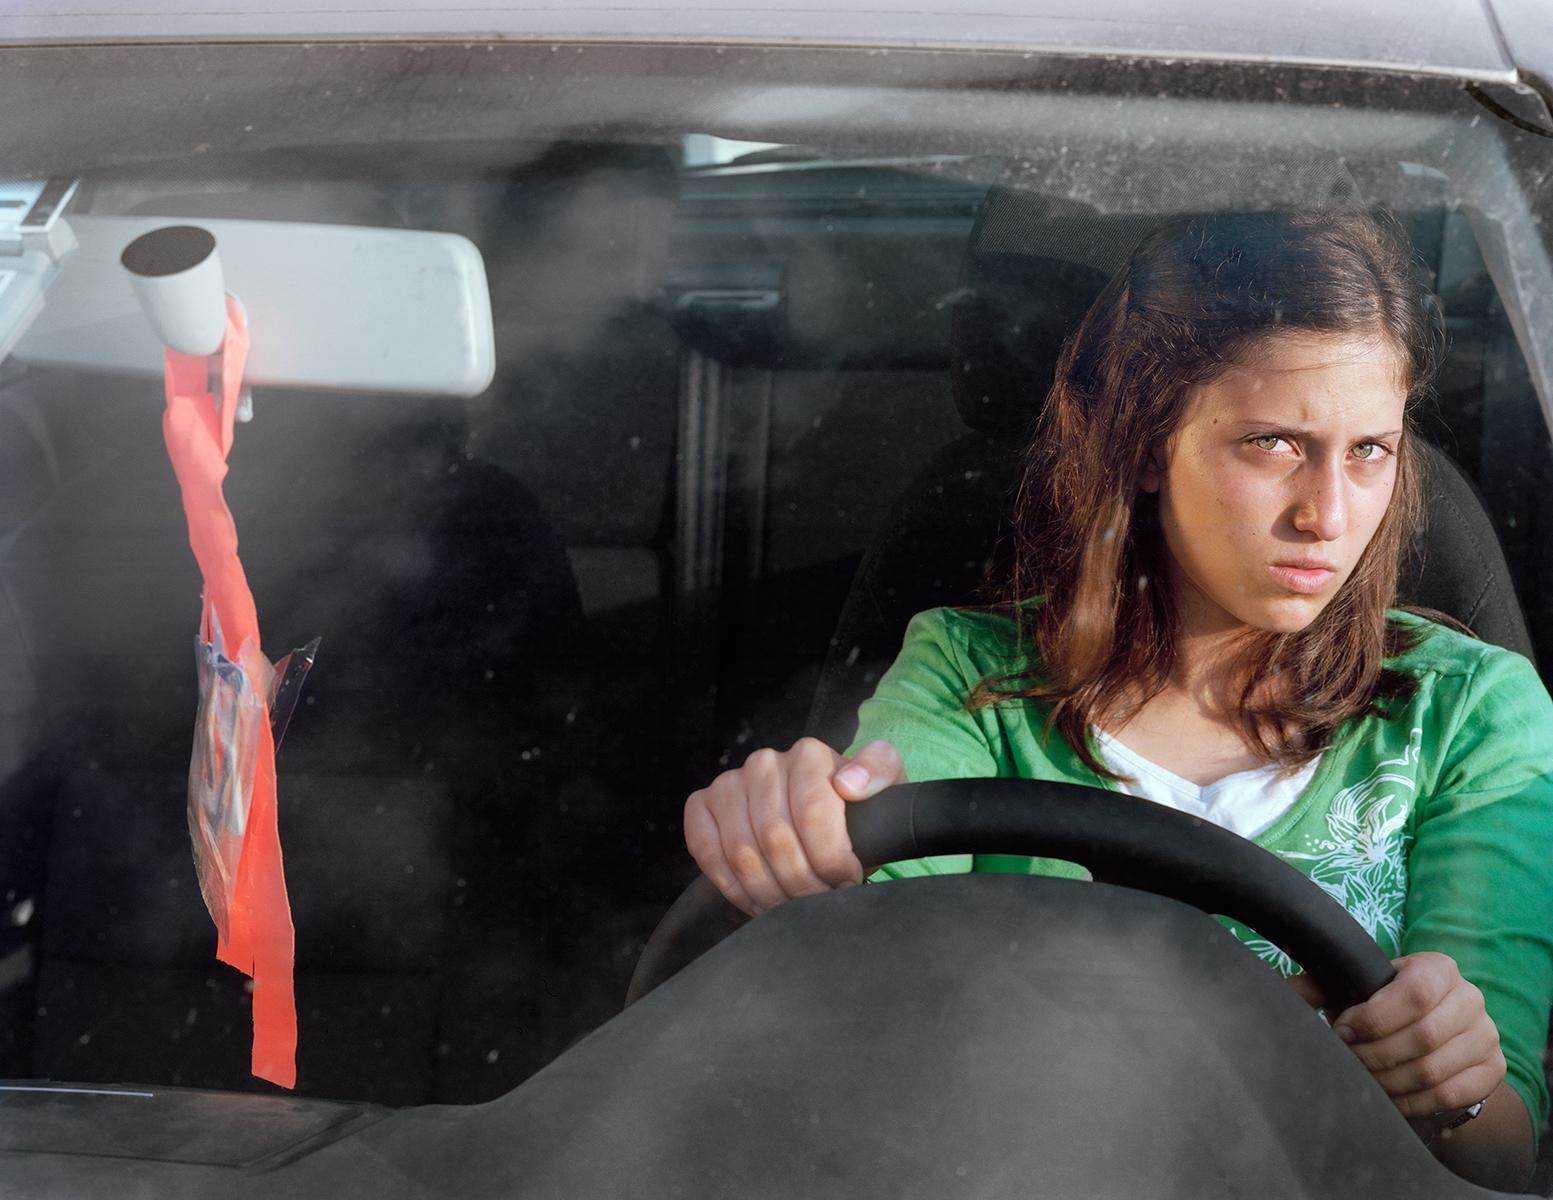 Stav in Car, 2008